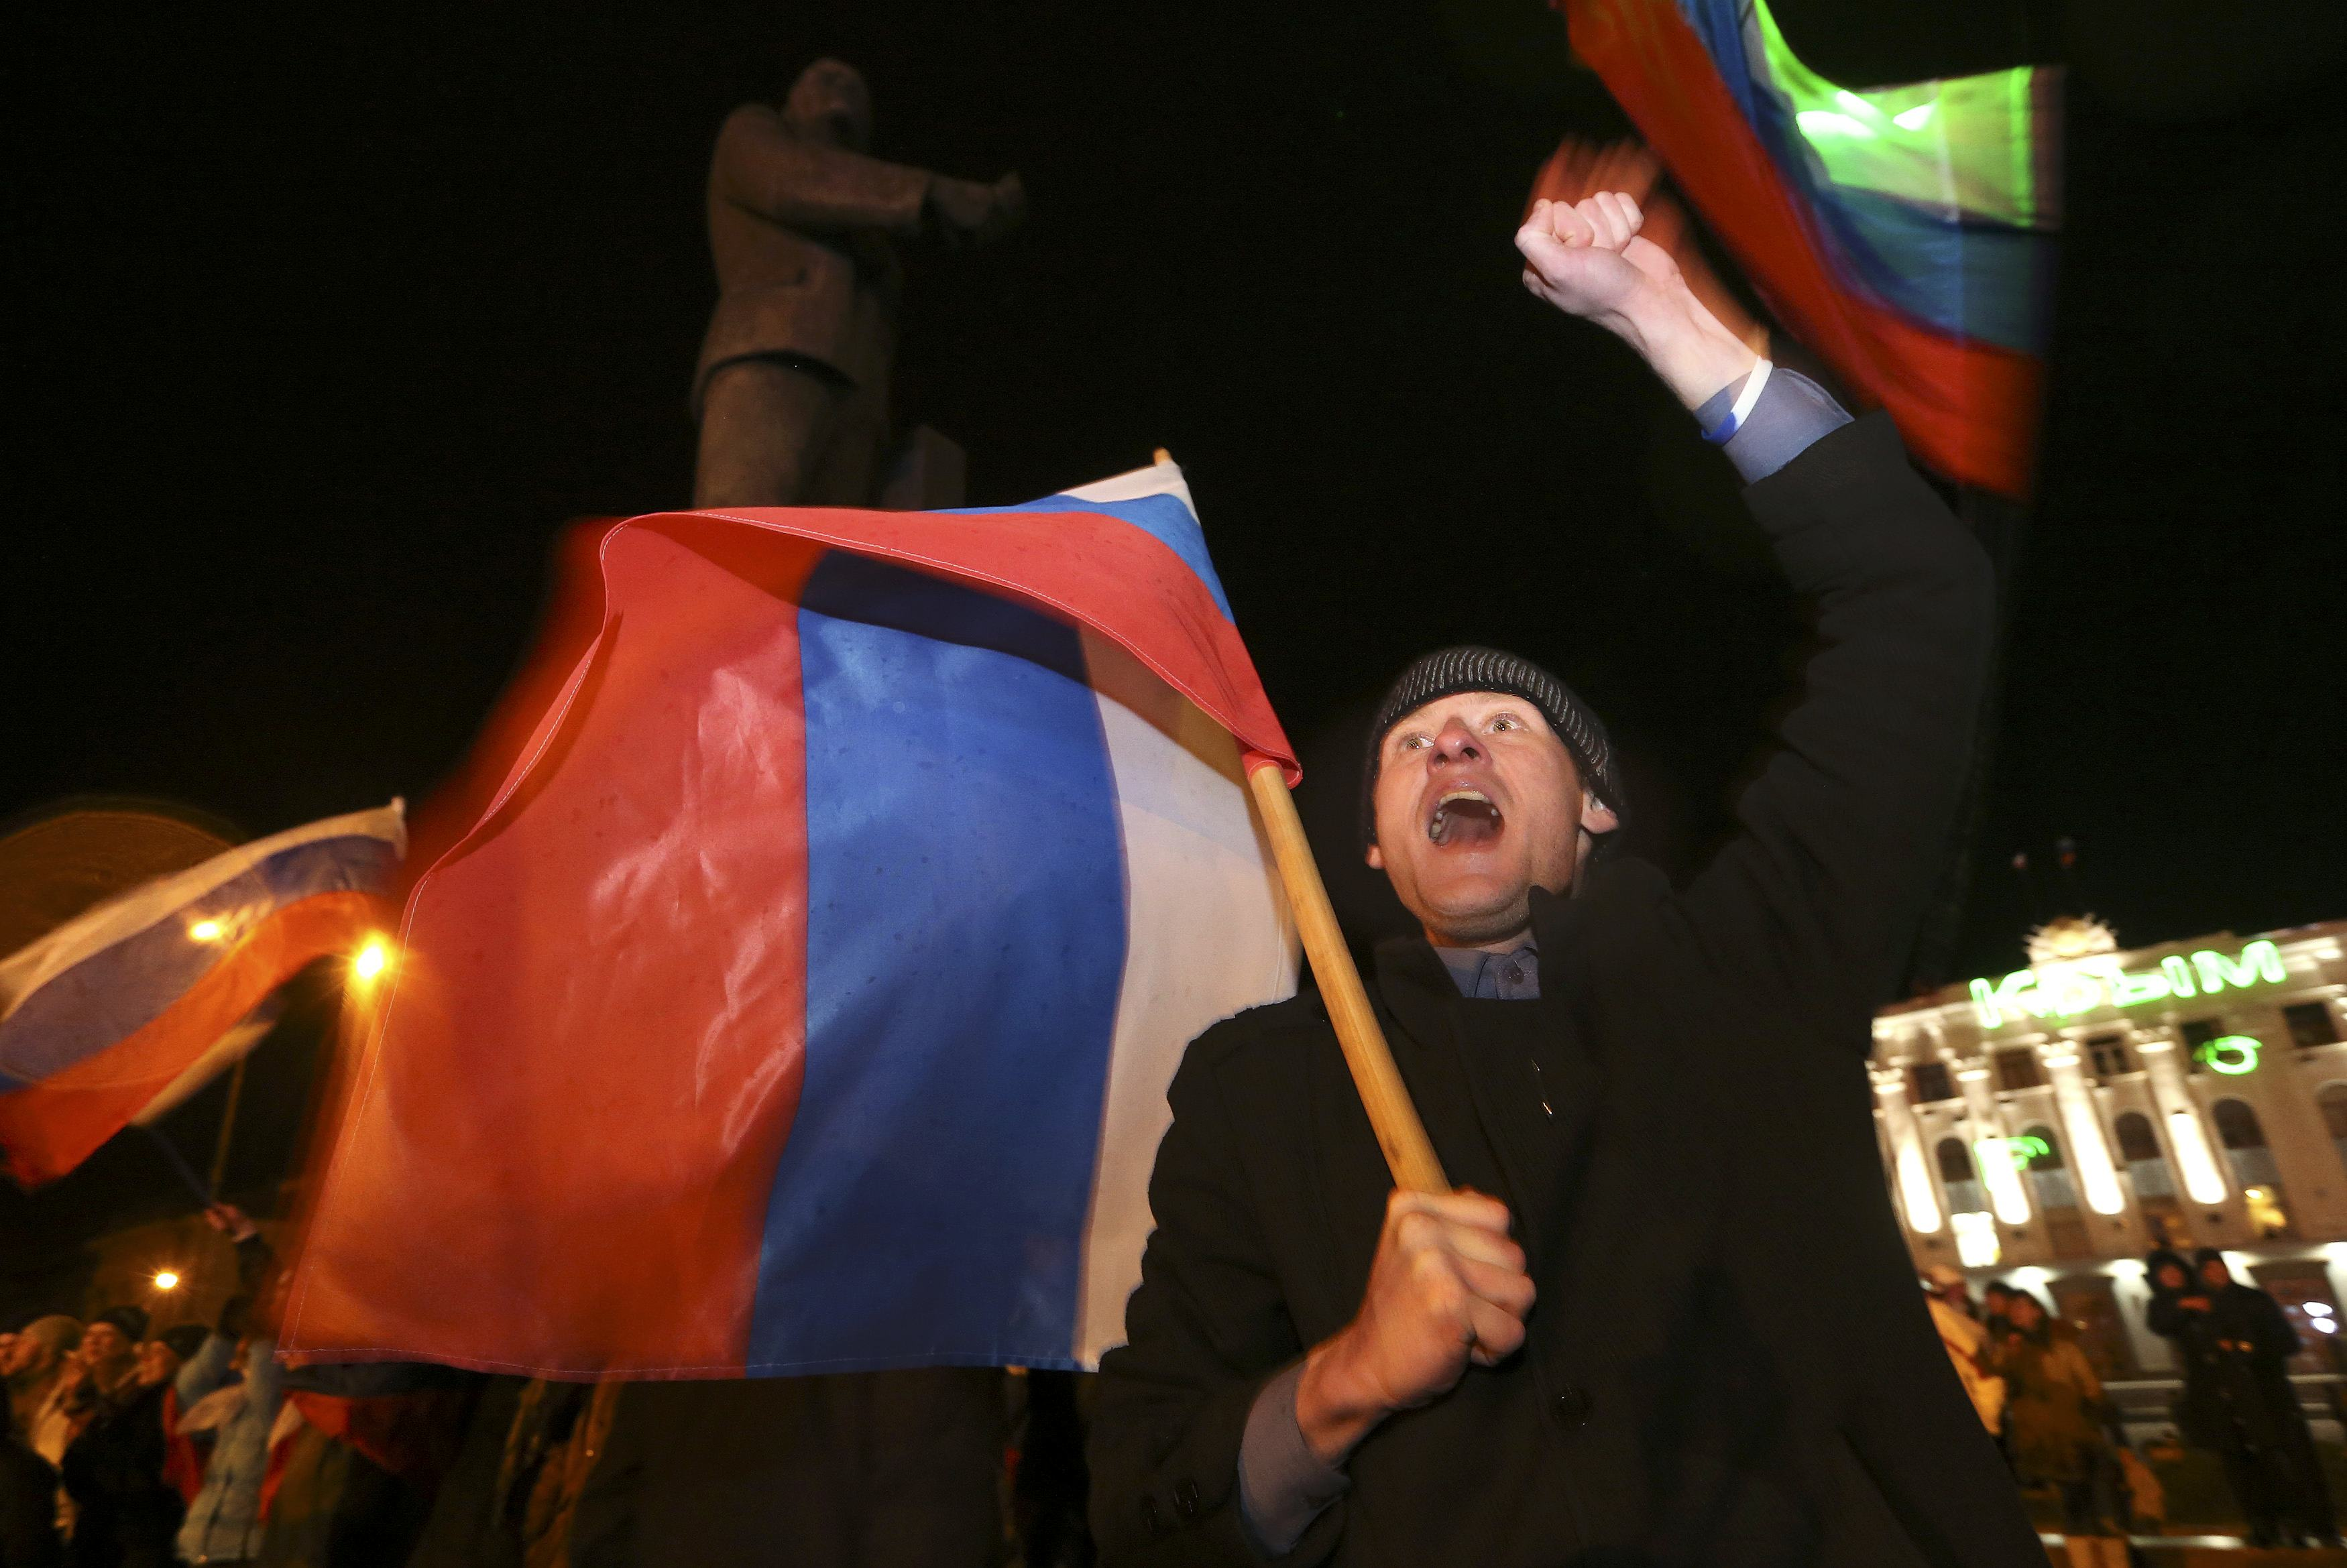 Eleitores crimeanos votam a favor da adesão à Rússia - Sergei Karpukhin/ Reuters